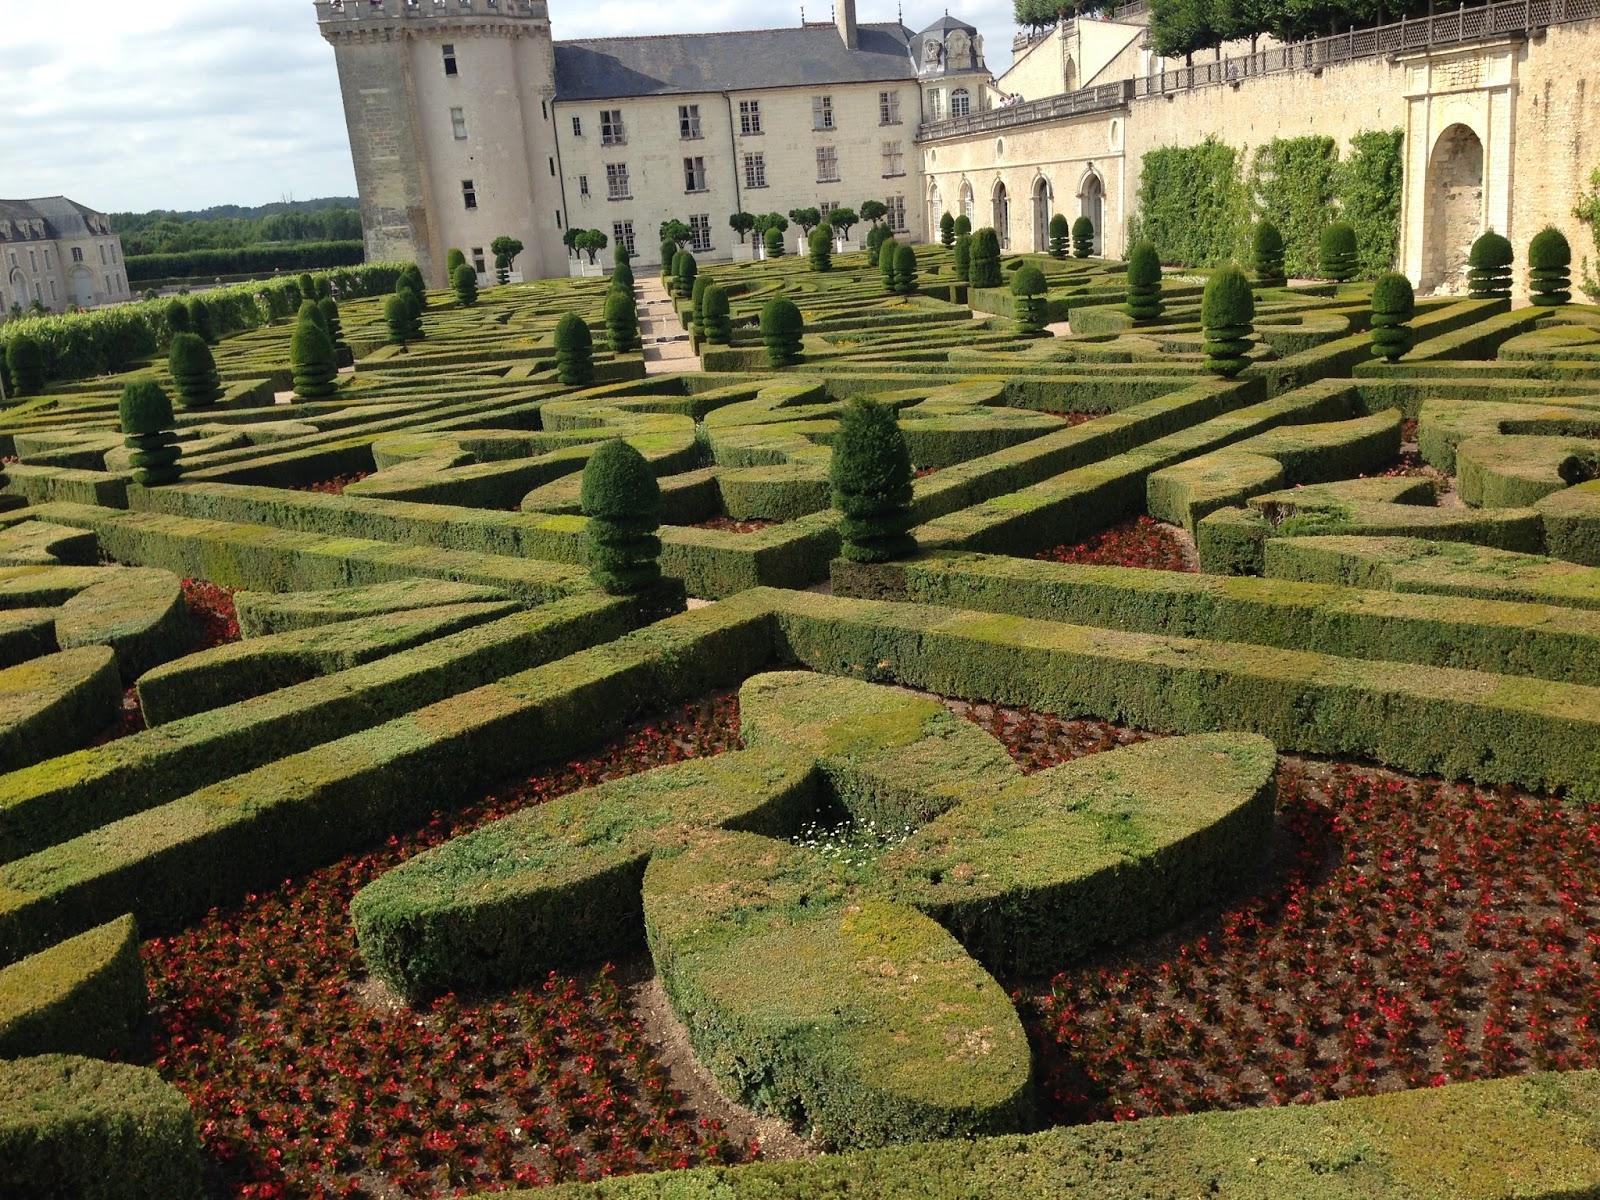 wspaniałe renesansowe ogrody przy zamku Villandry